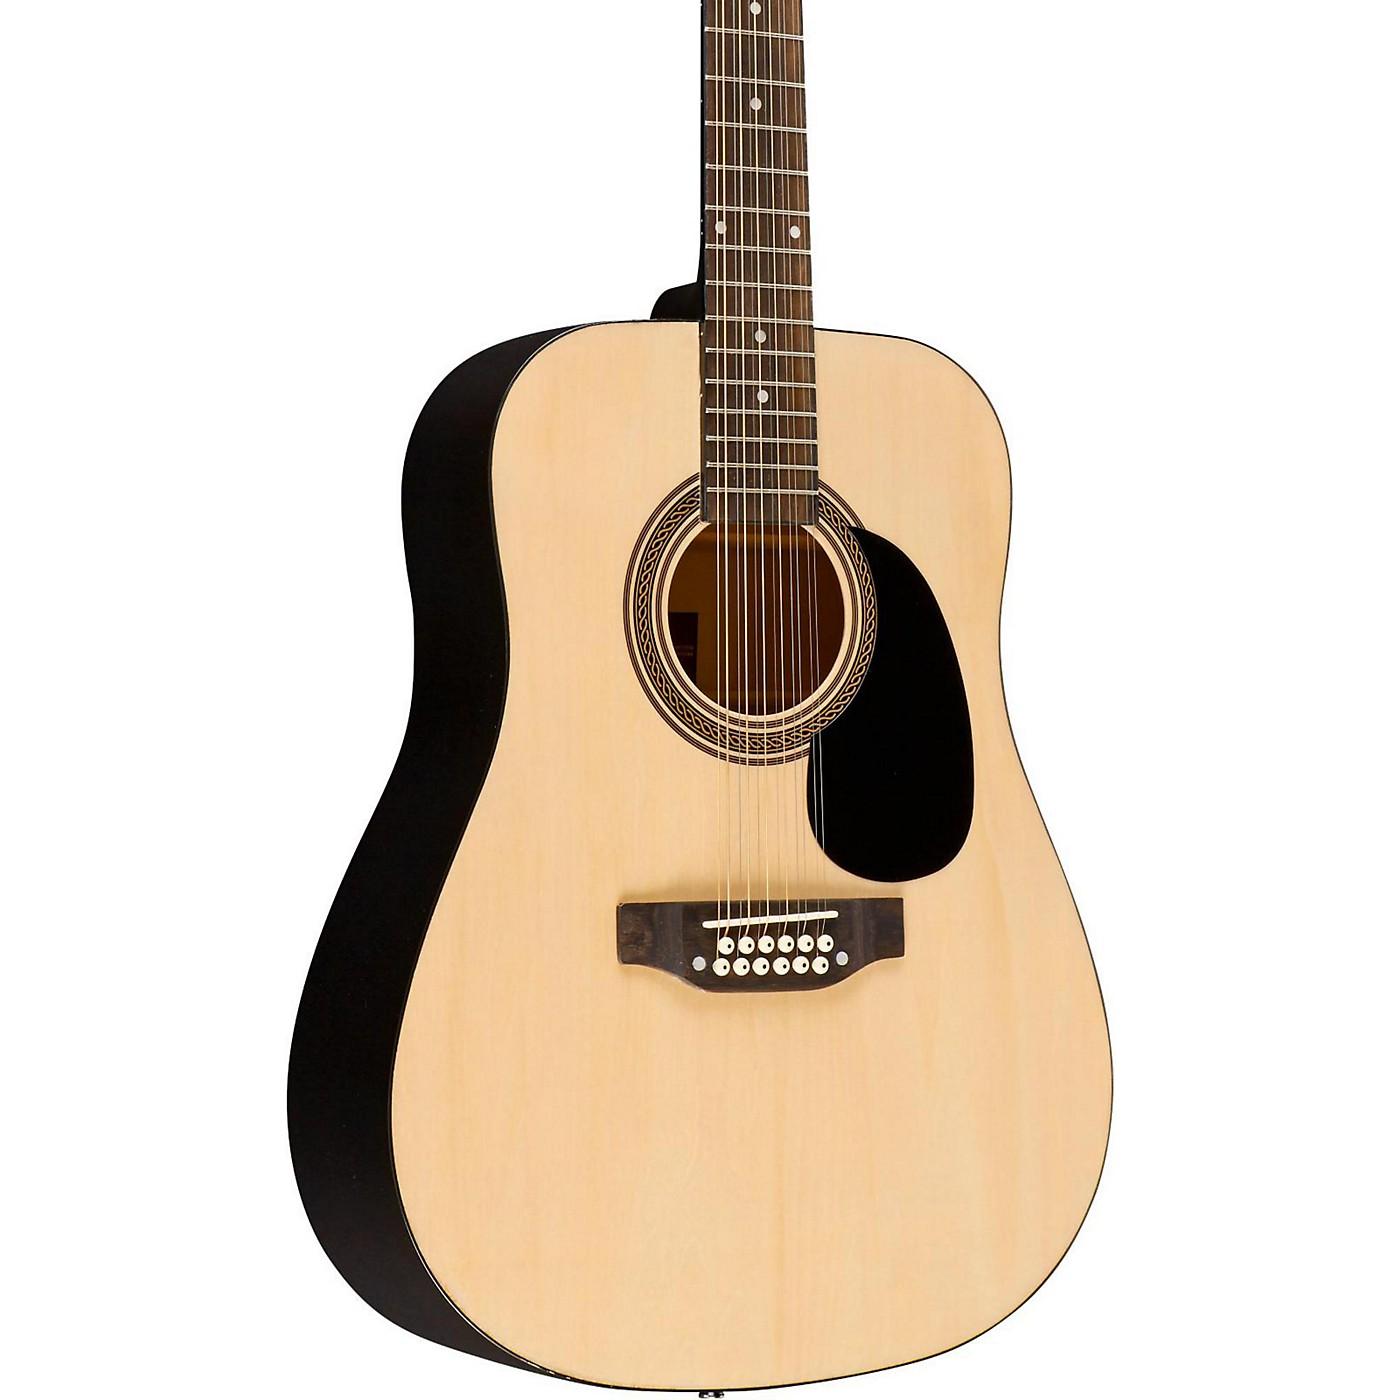 Rogue RA-090 Dreadnought 12-String Acoustic Guitar Regular thumbnail